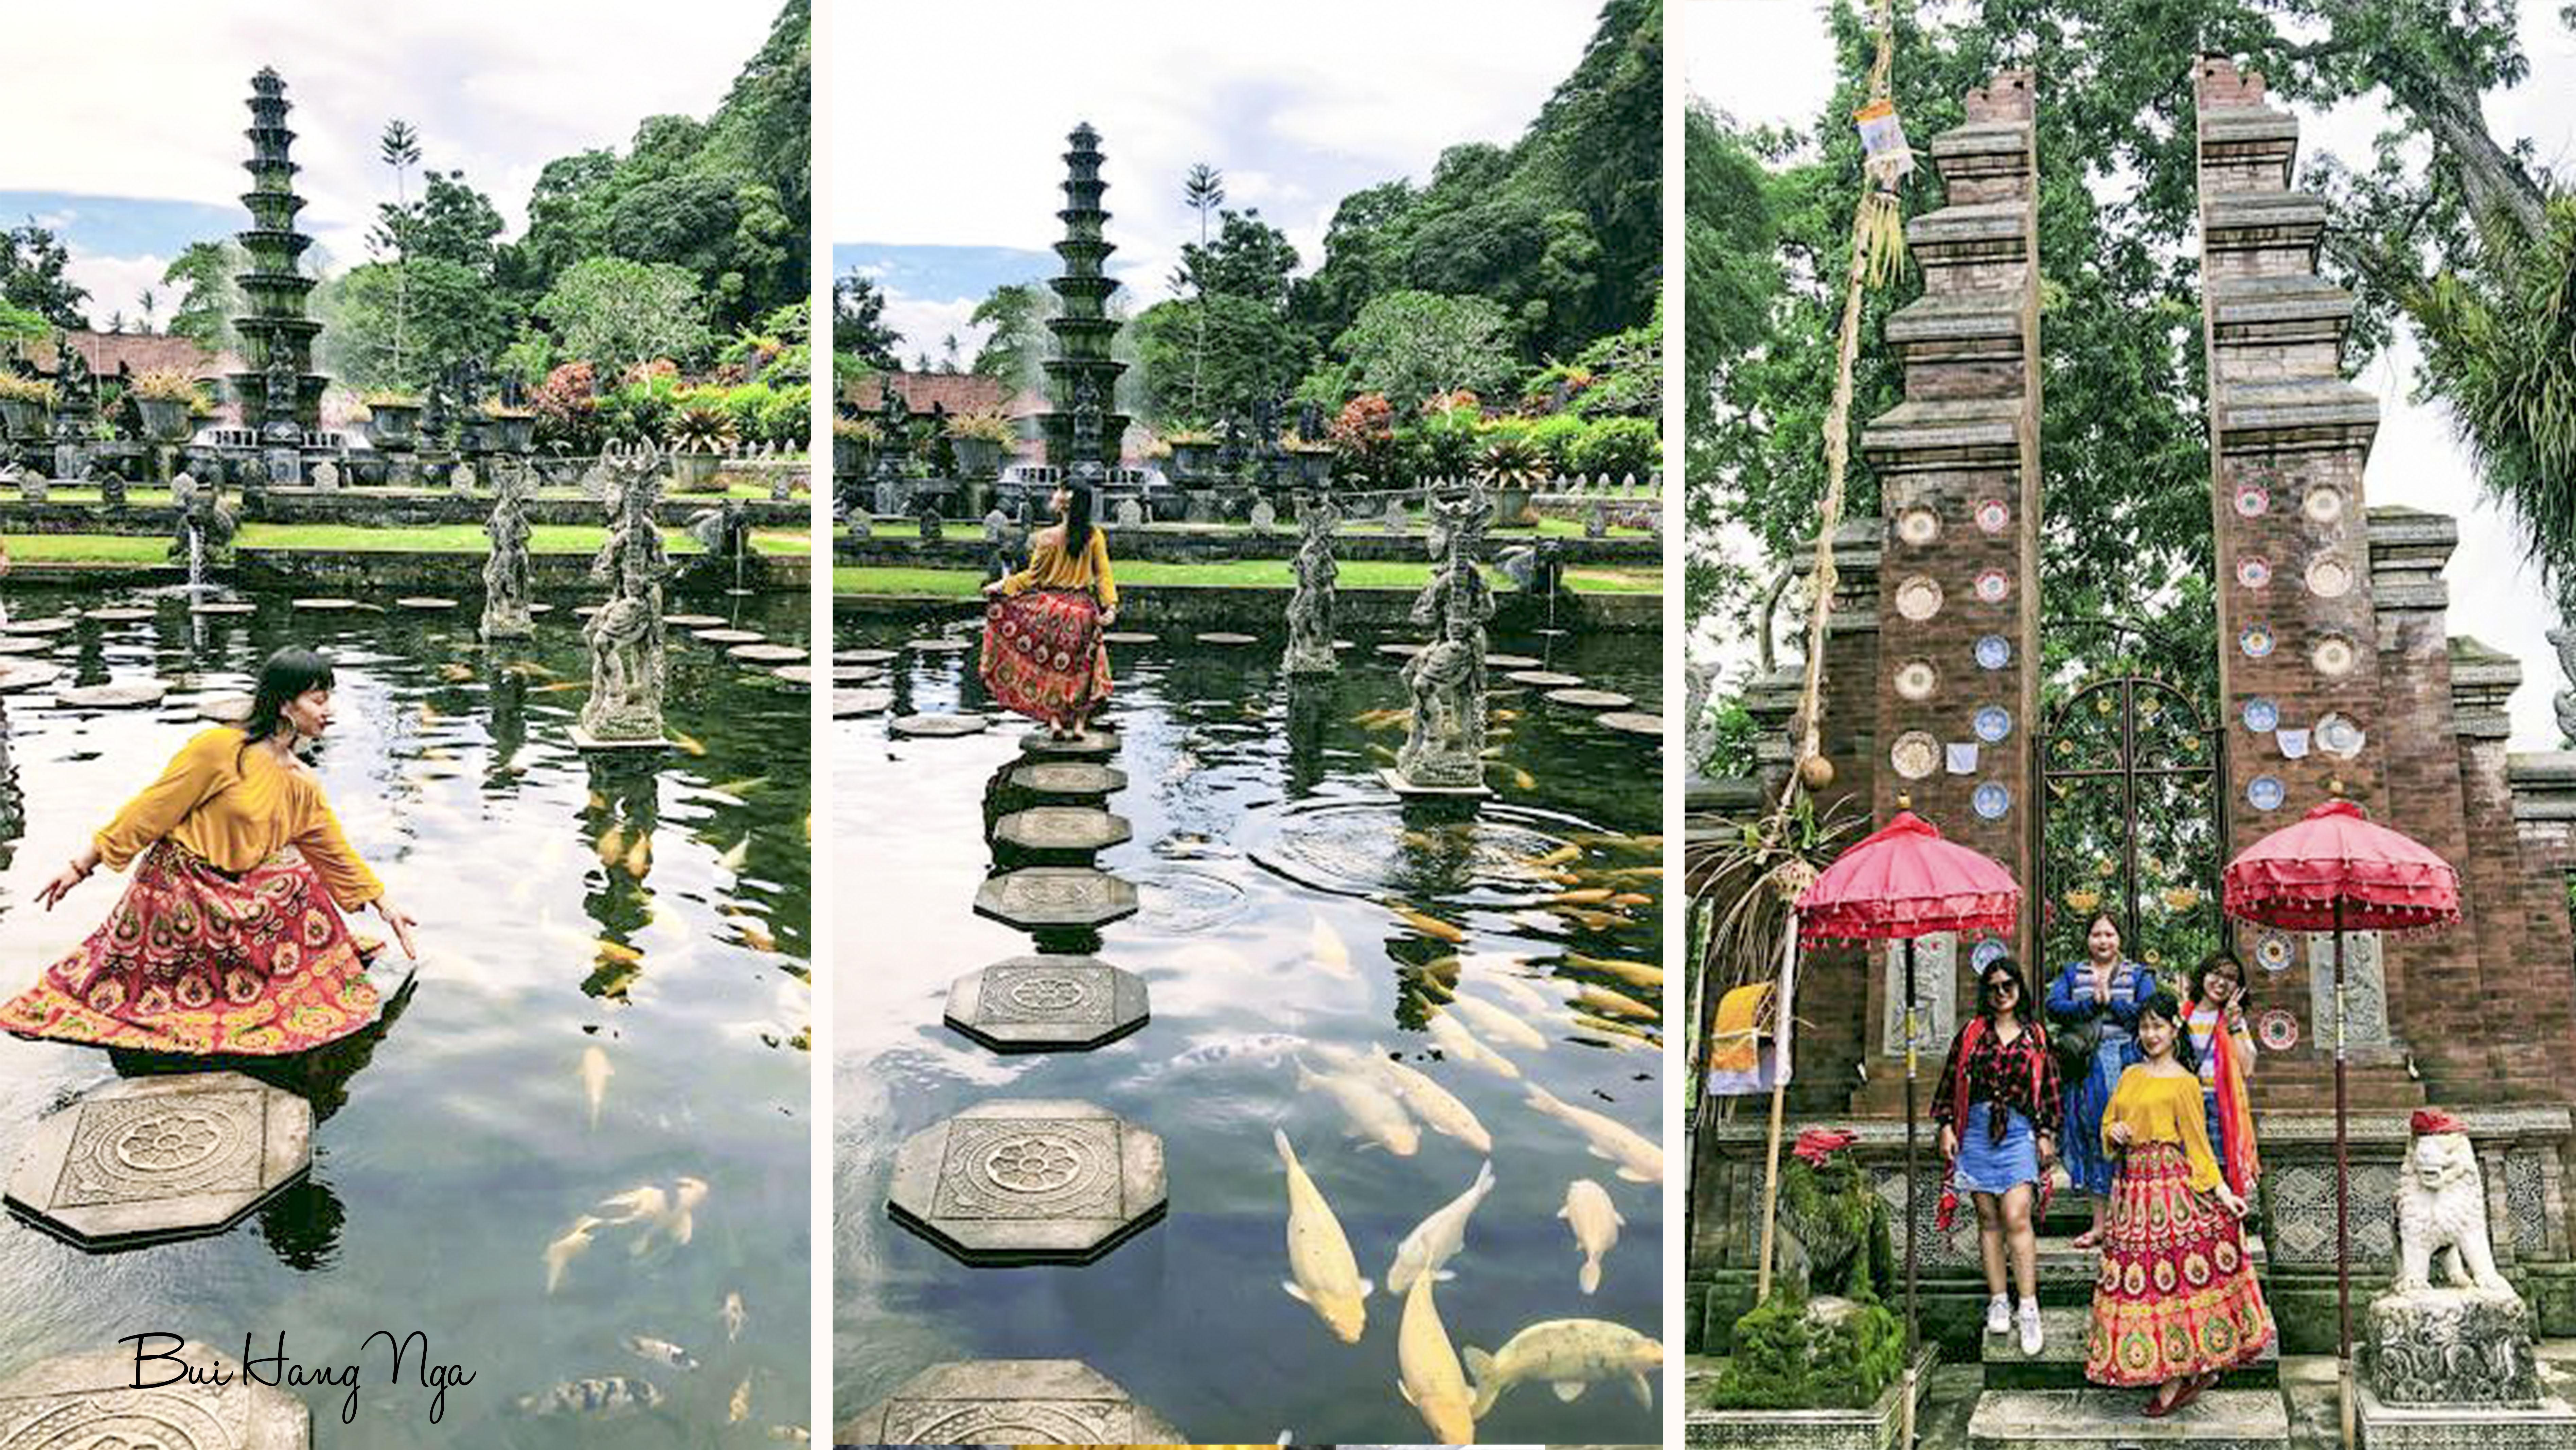 những ngôi đền ở Bali-Tirta Gangga